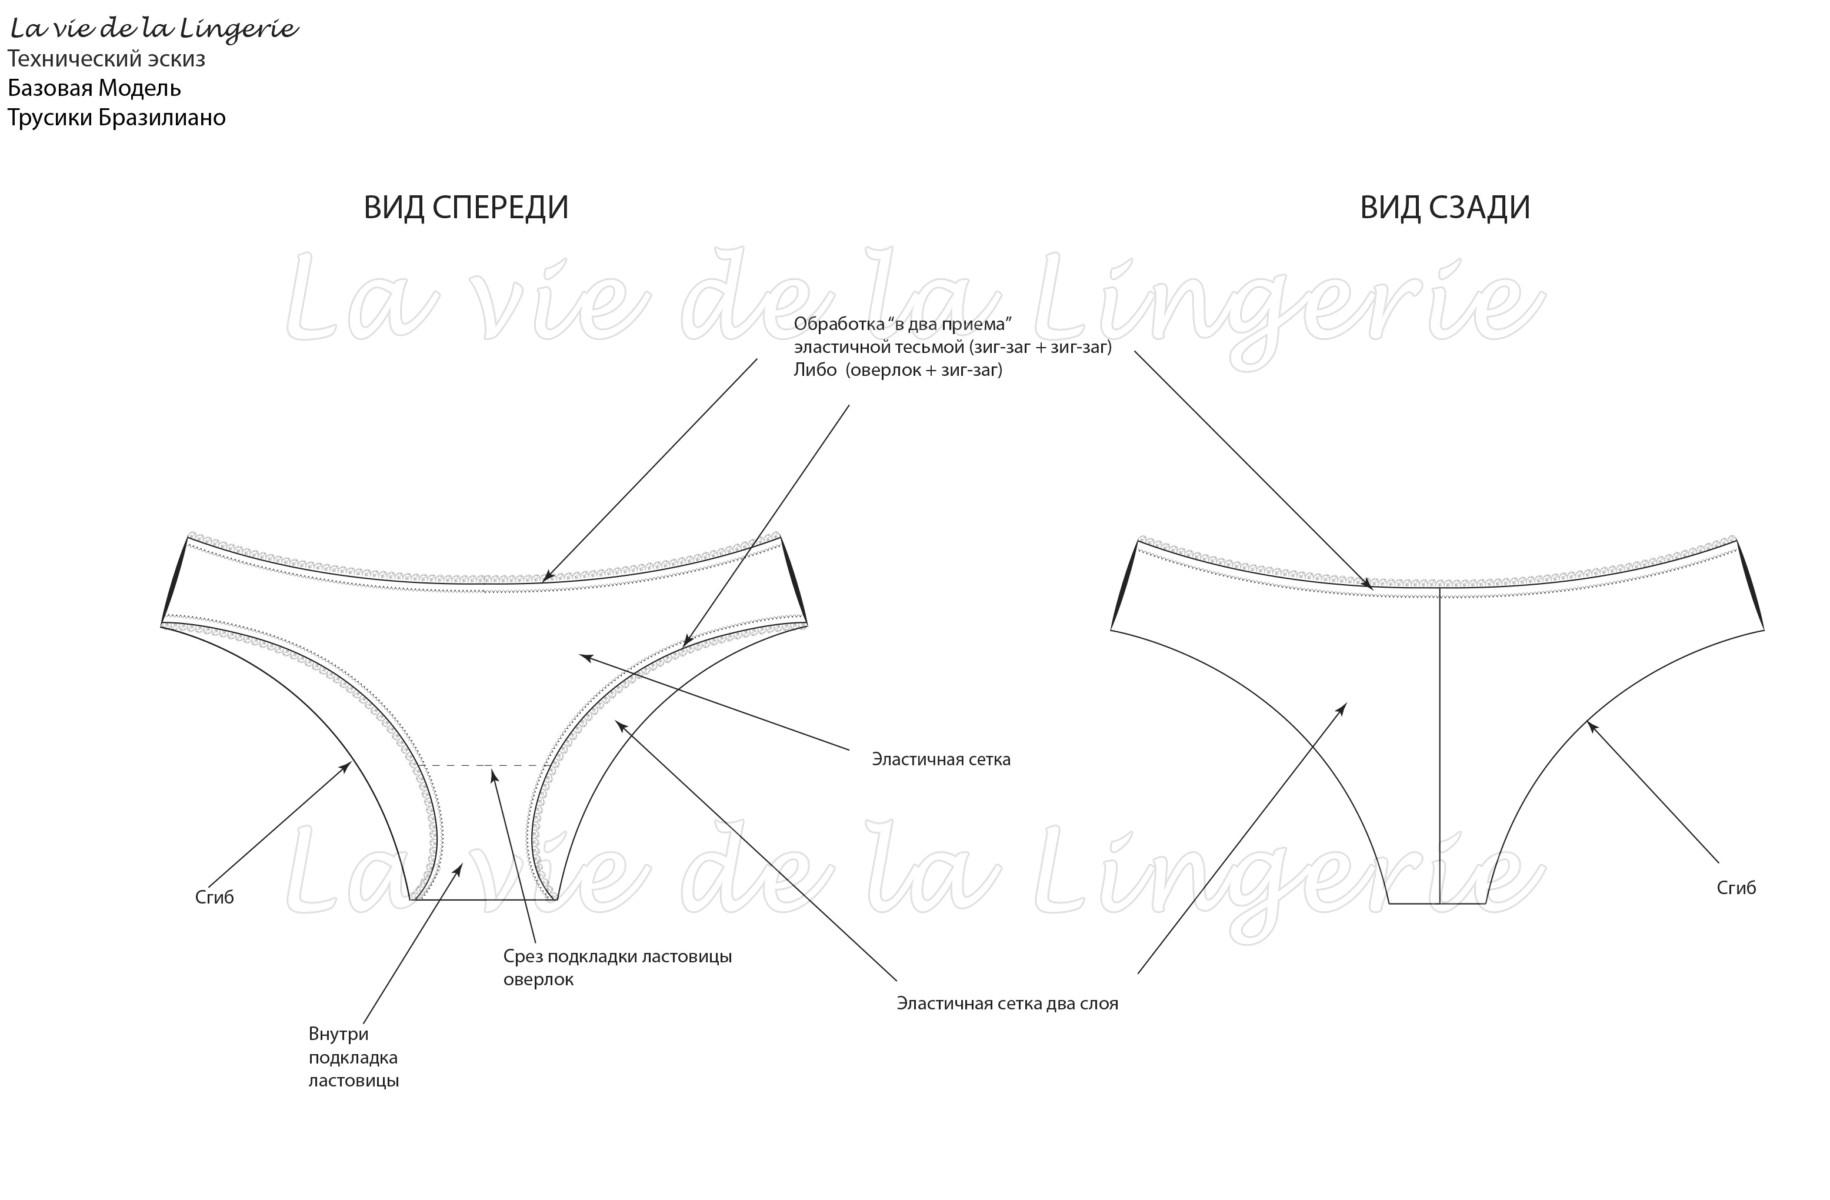 """Техническое описание модели """"Трусики Бразилиано"""""""